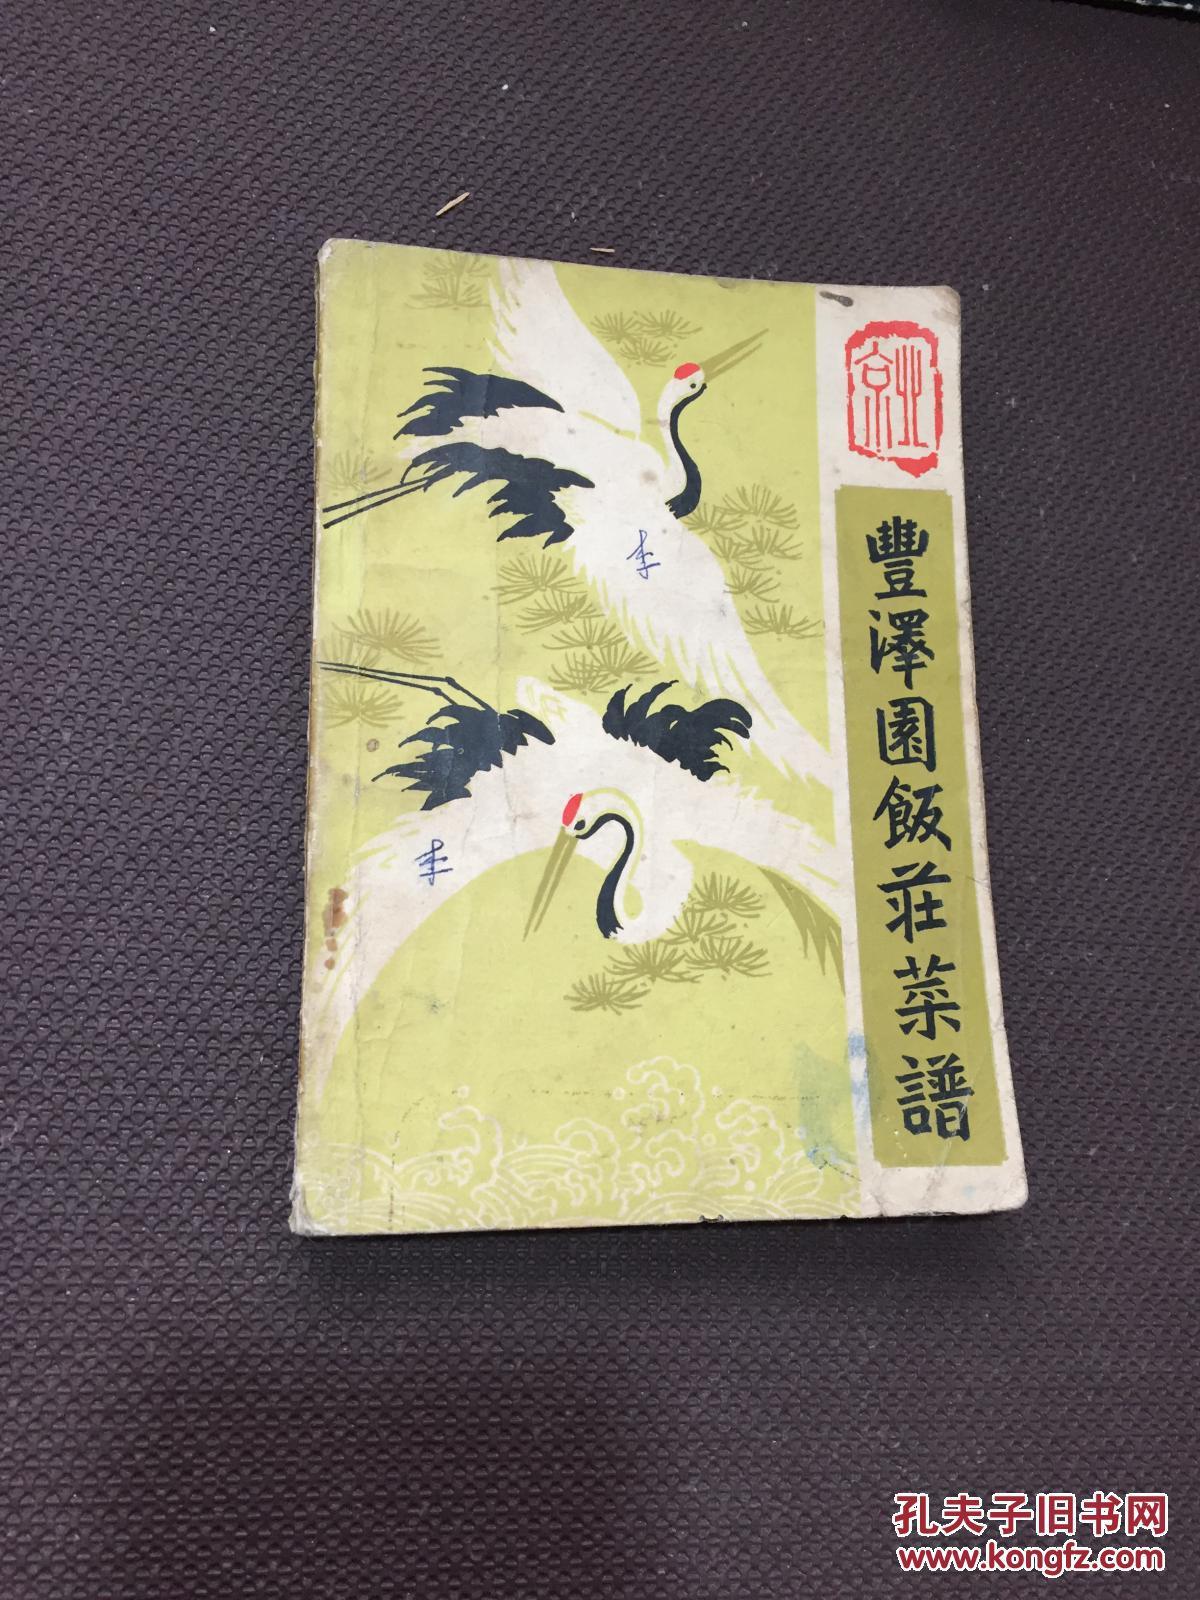 丰泽园饭庄菜谱营养鸭血汤的豆腐成分图片